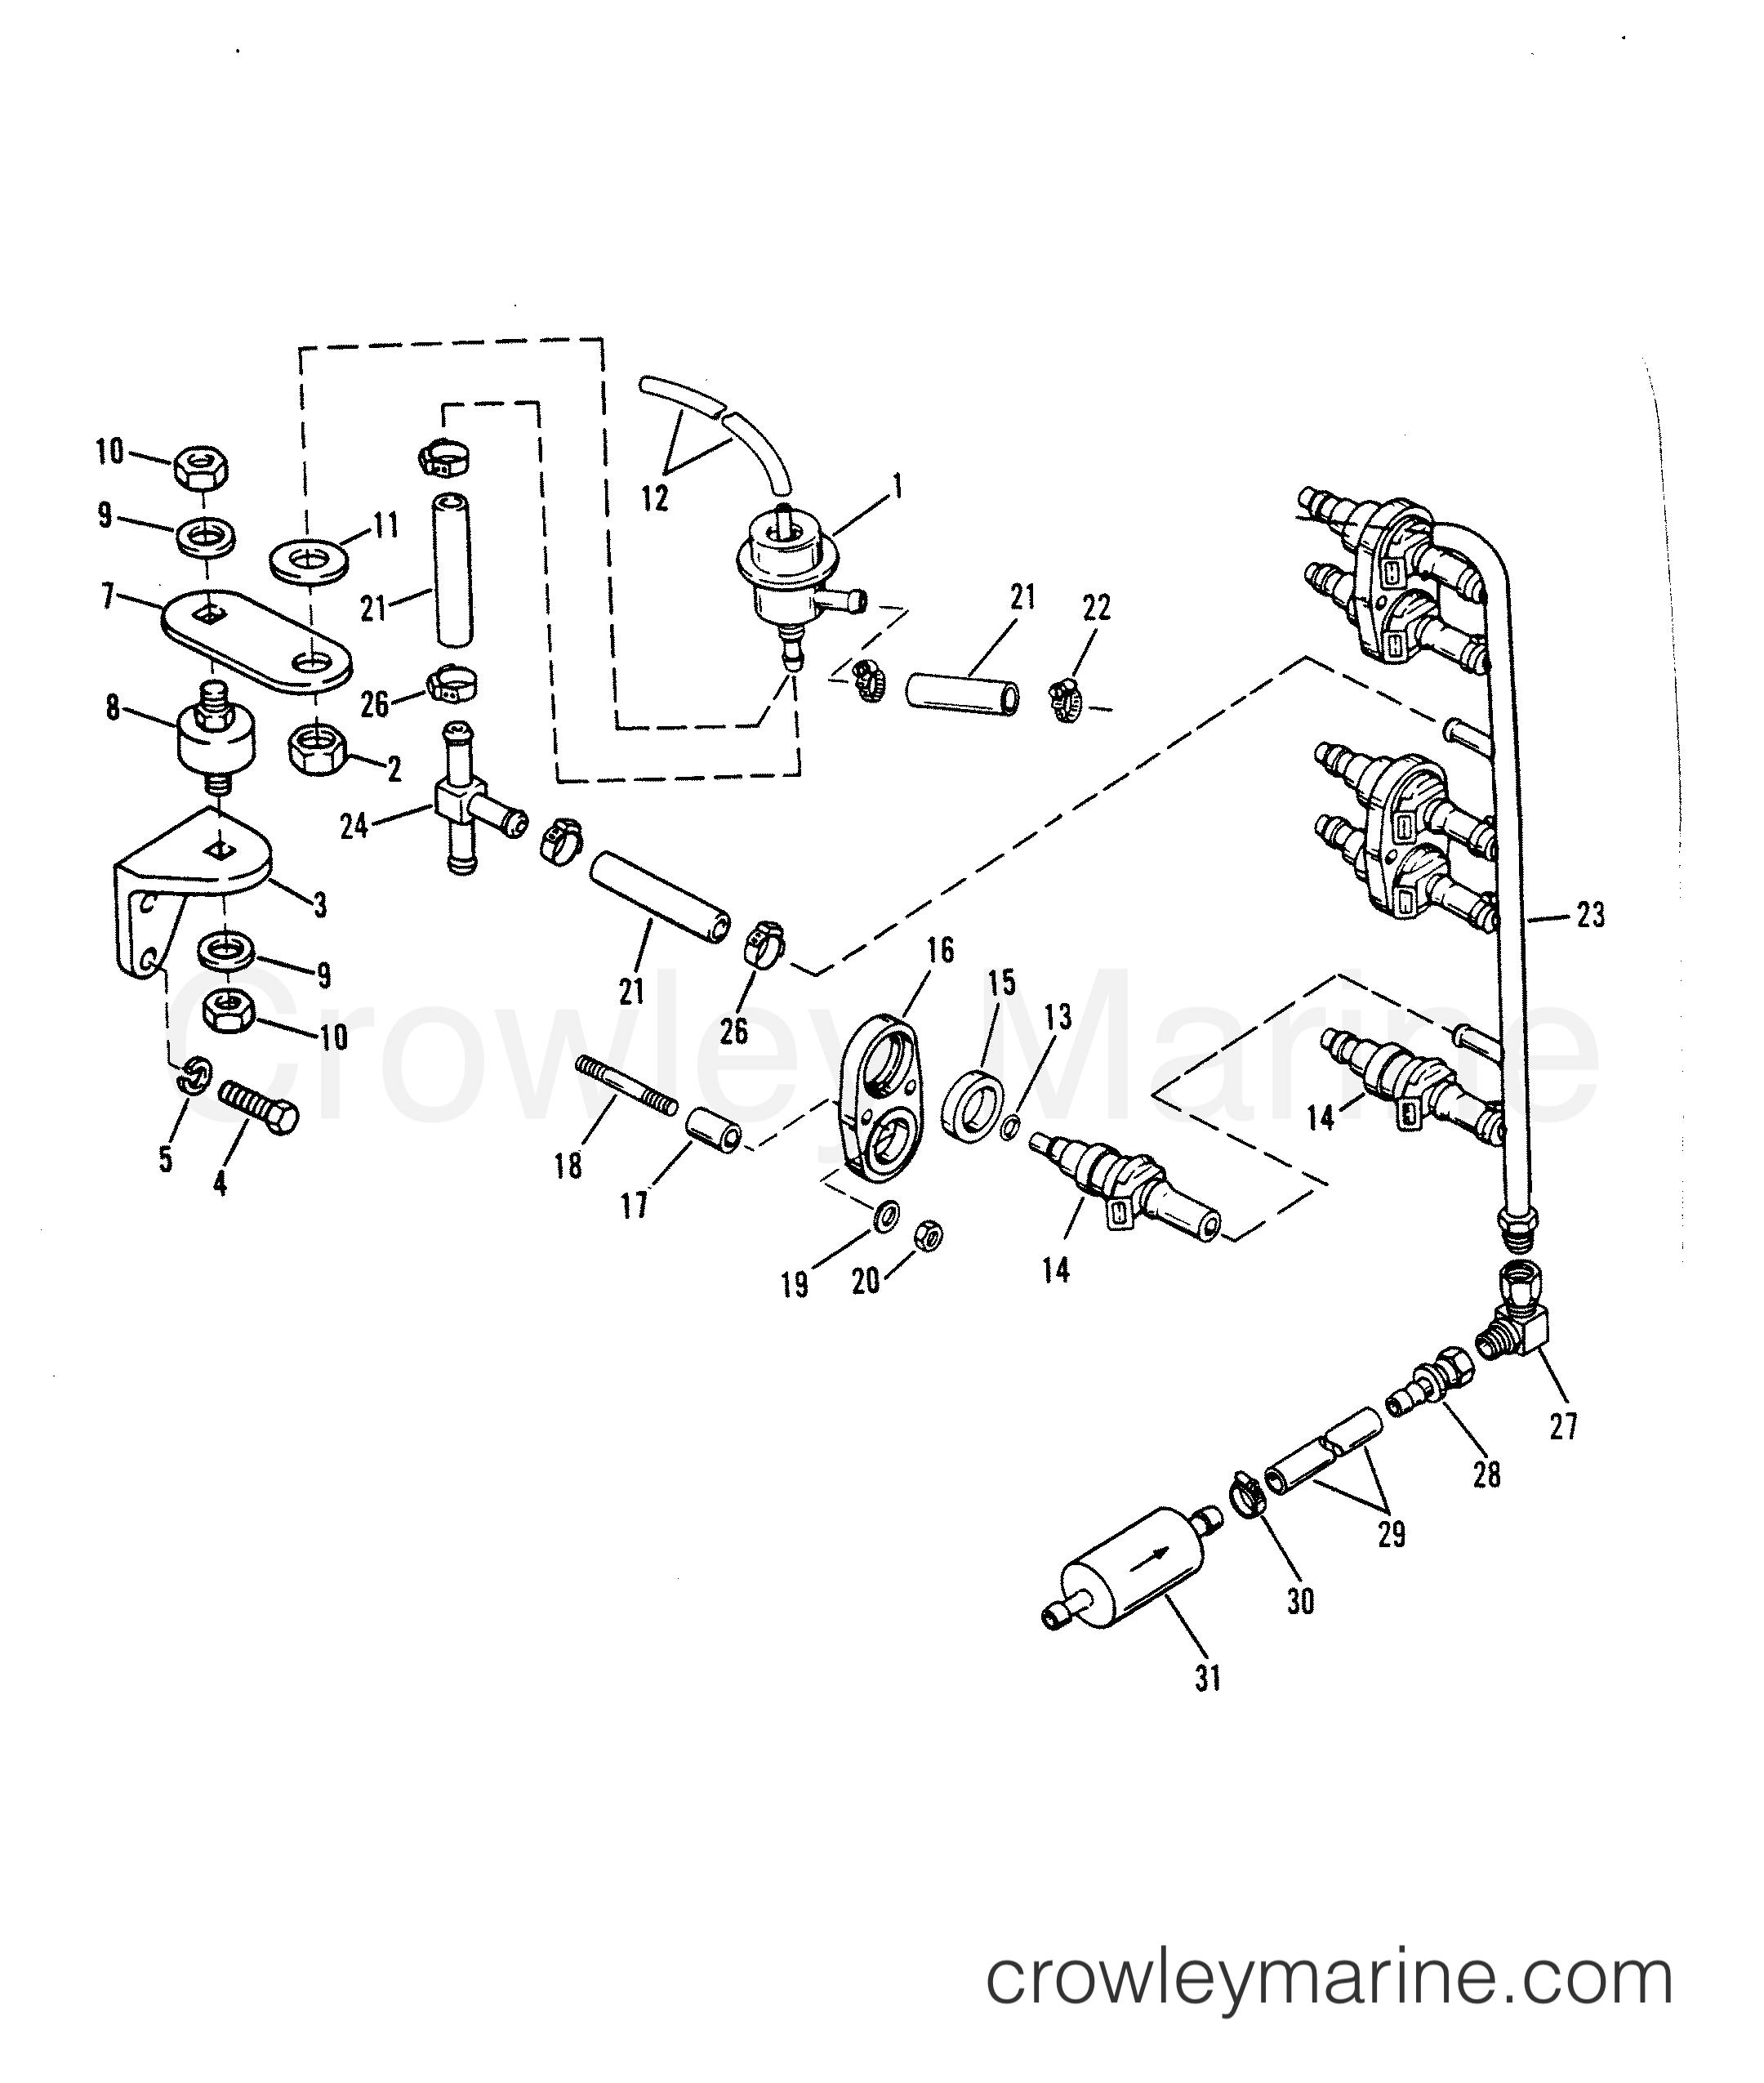 1993 Hors-bord de course Mercury 2.5 [L EFI] - 7925211BH - INJECTEURS DE CARBURANT section